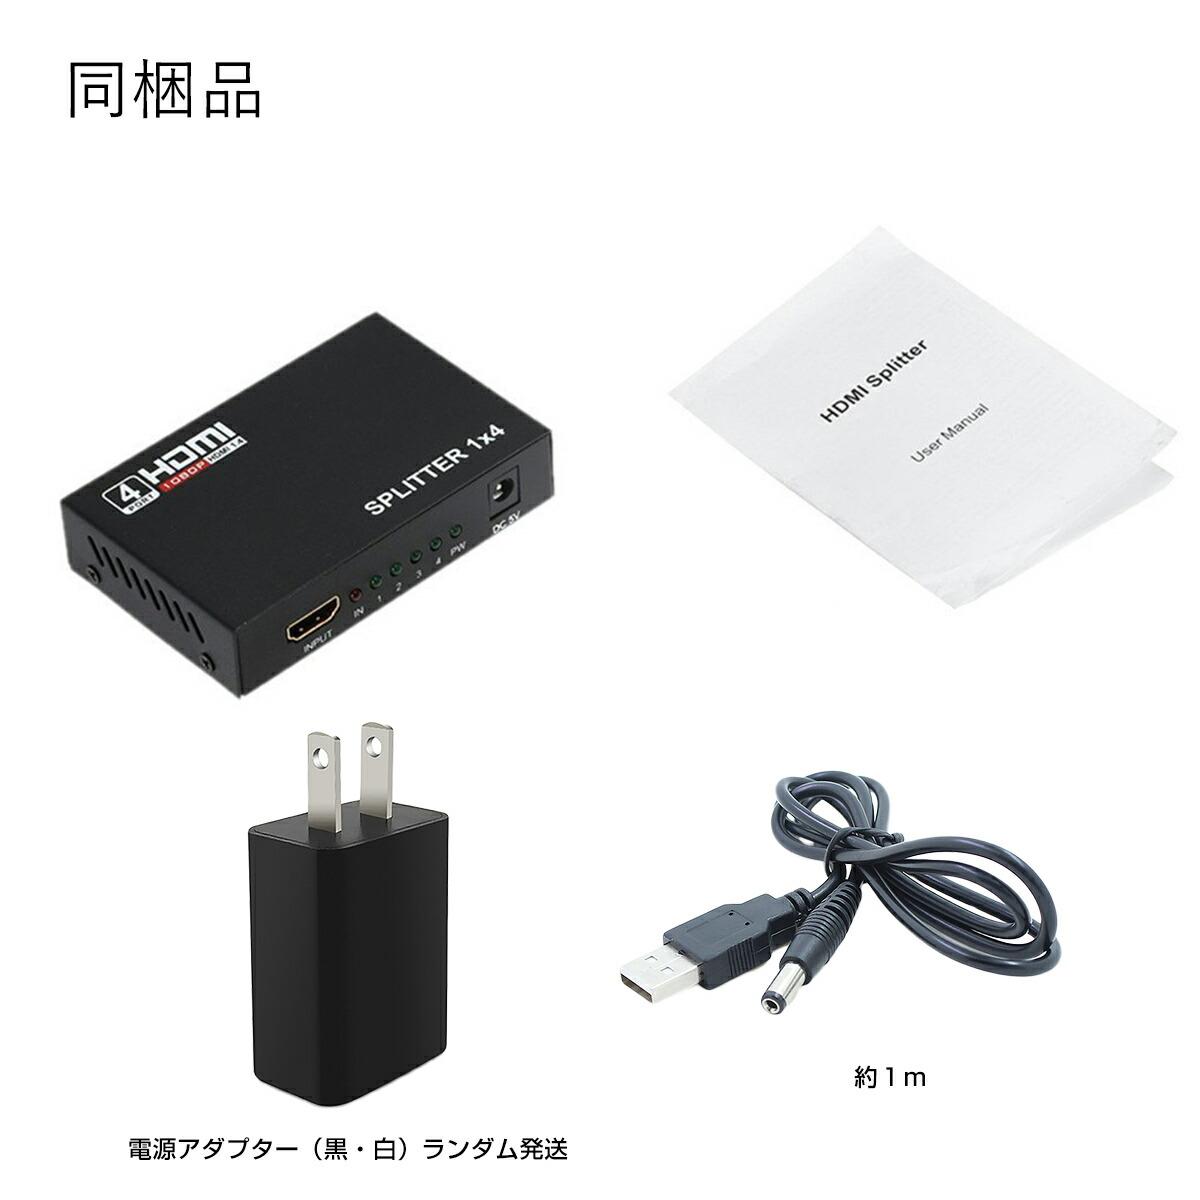 HDMI切替器 1入力4出力